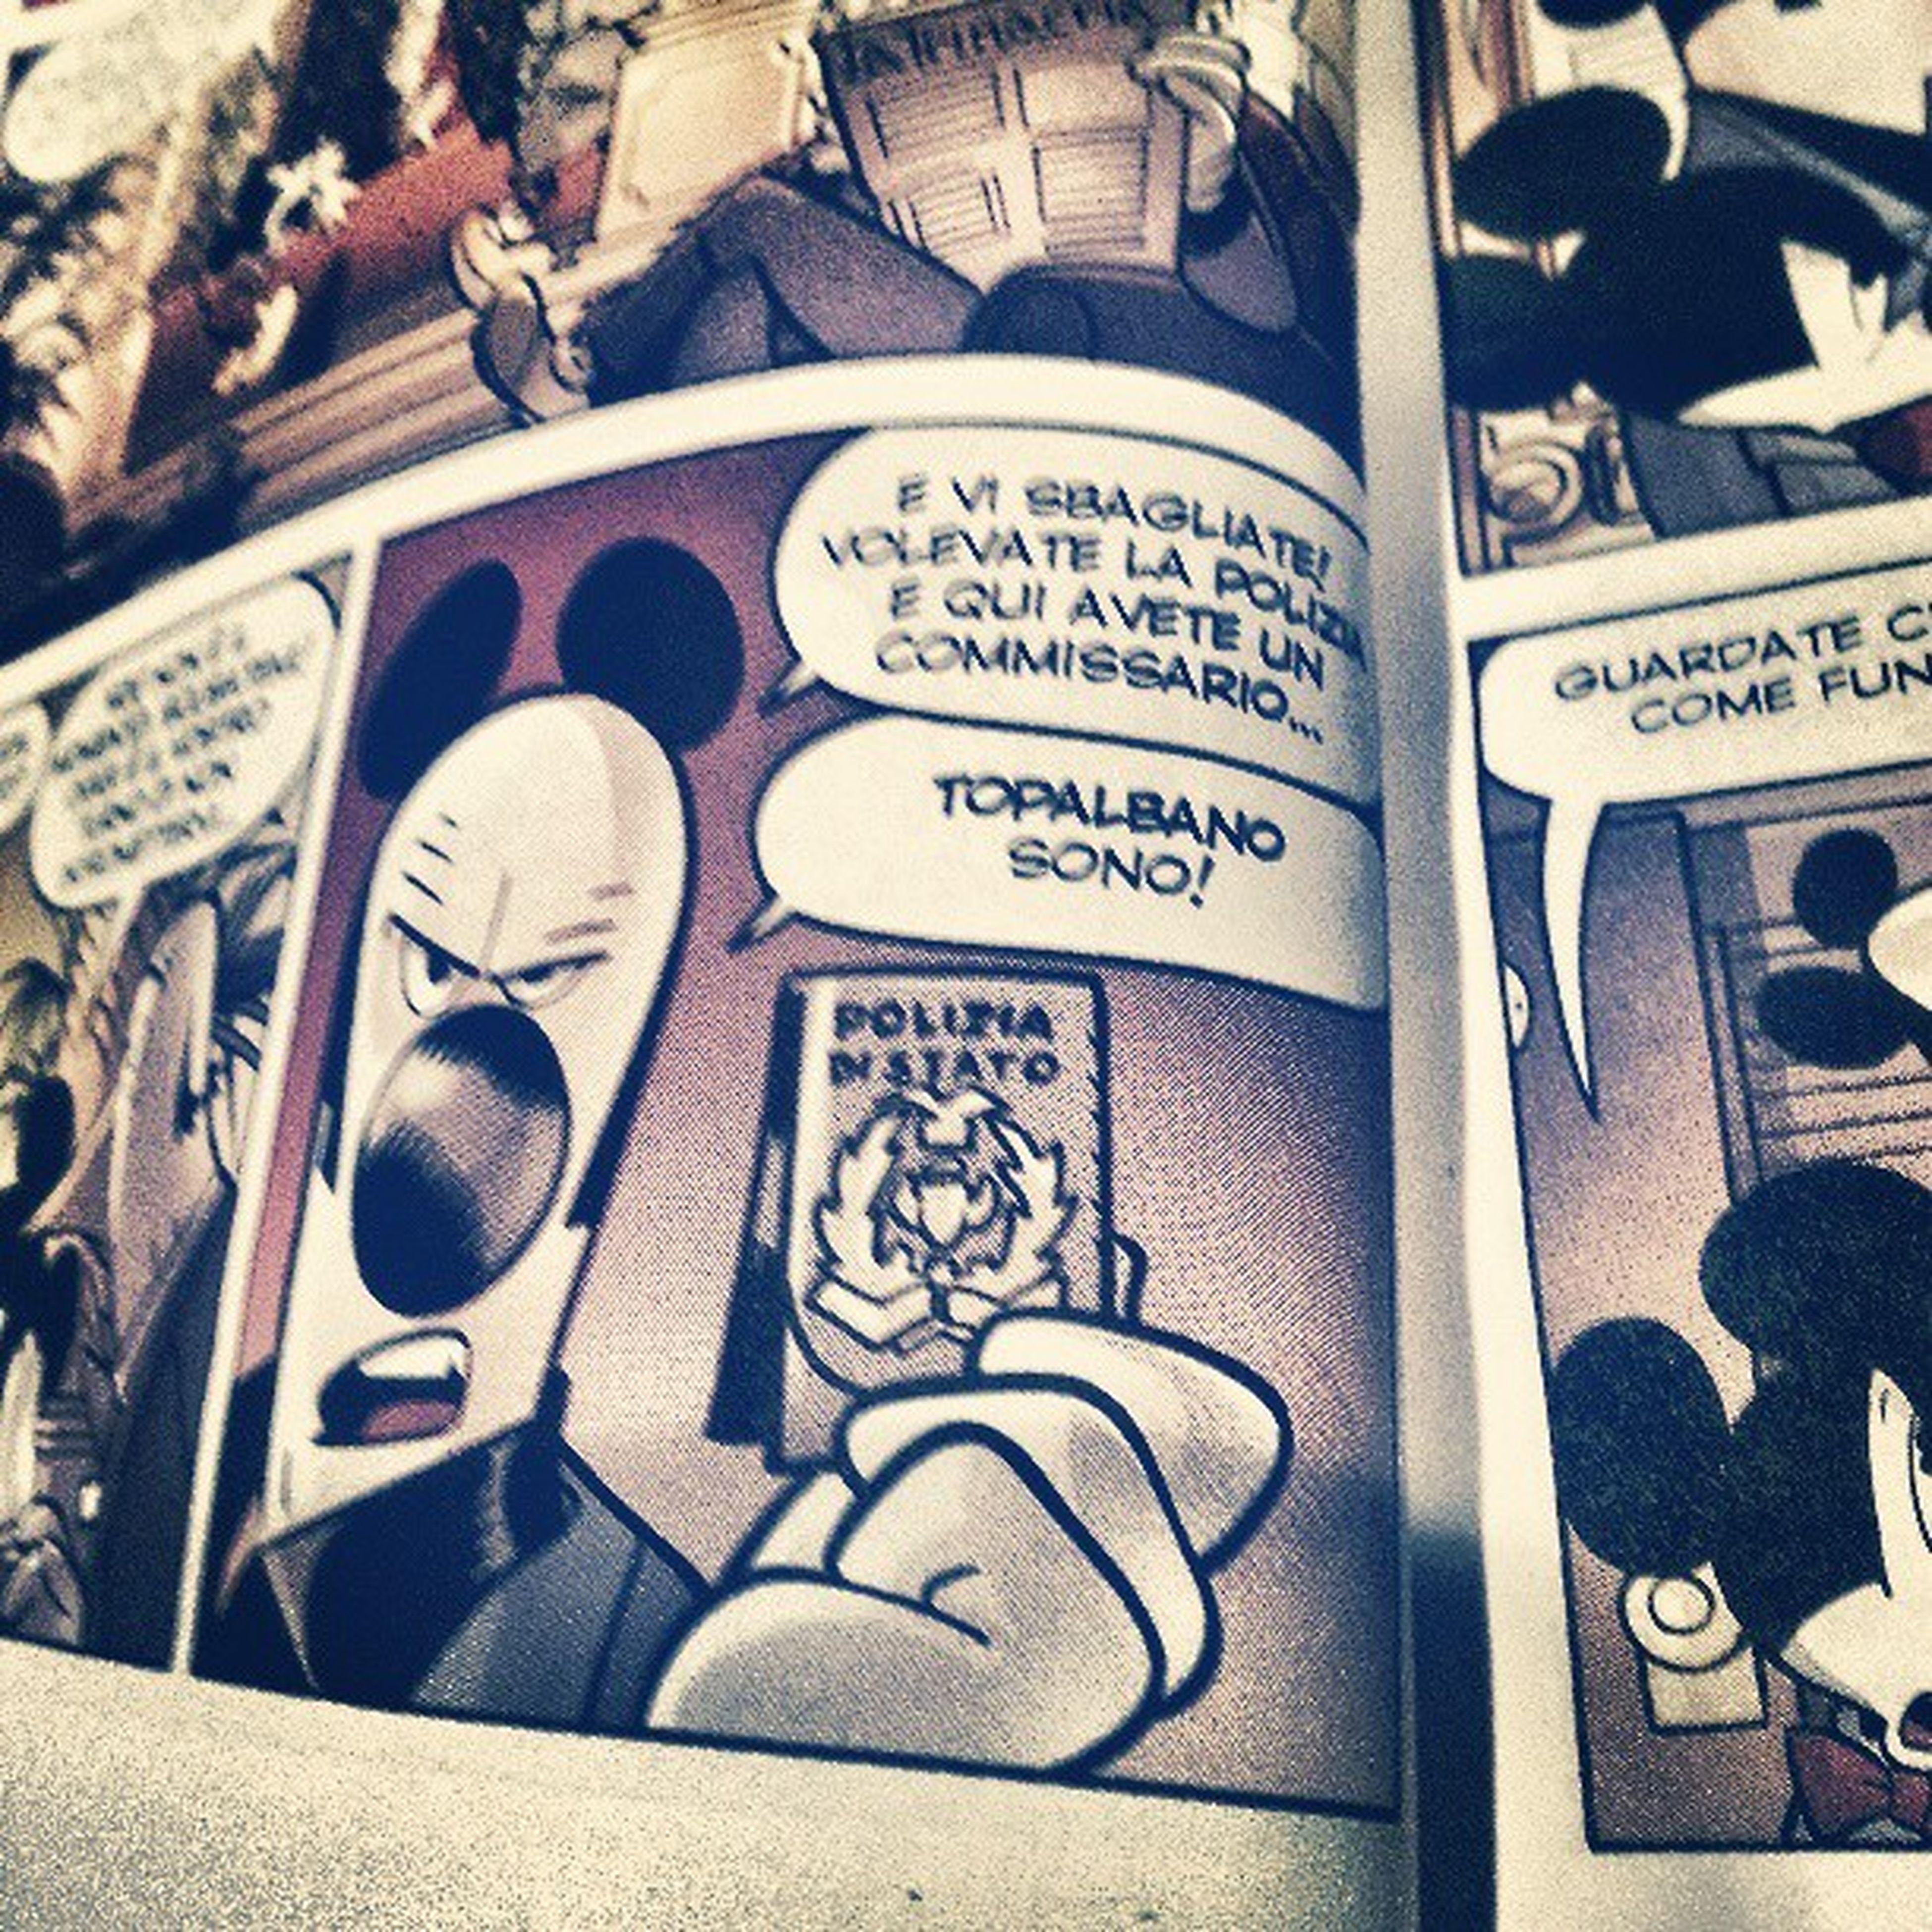 Di pissona pissonalmente. .. Fumetti Comics Camilleri Sicilia montalbanosono camurria topolino mickymouse